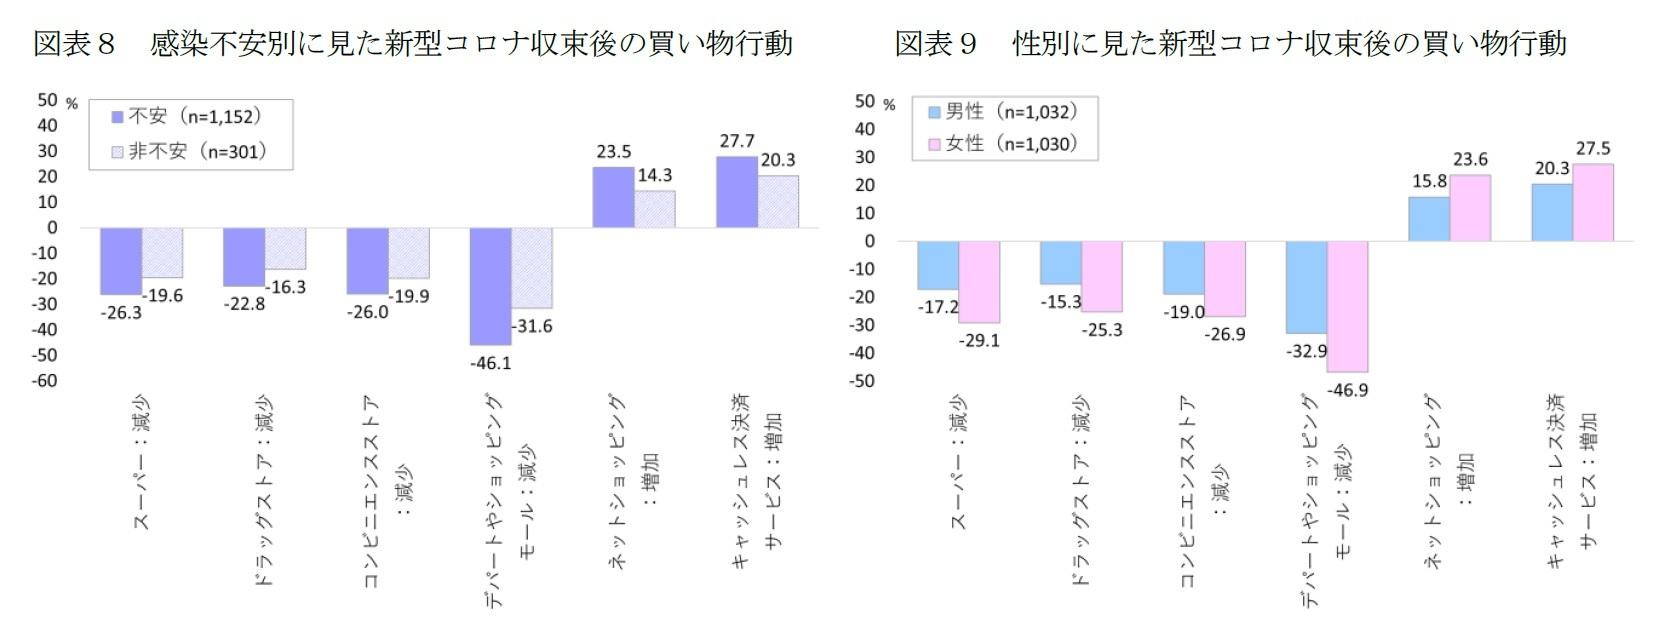 図表8 感染不安別に見た新型コロナ収束後の買い物行動/図表9 性別に見た新型コロナ収束後の買い物行動